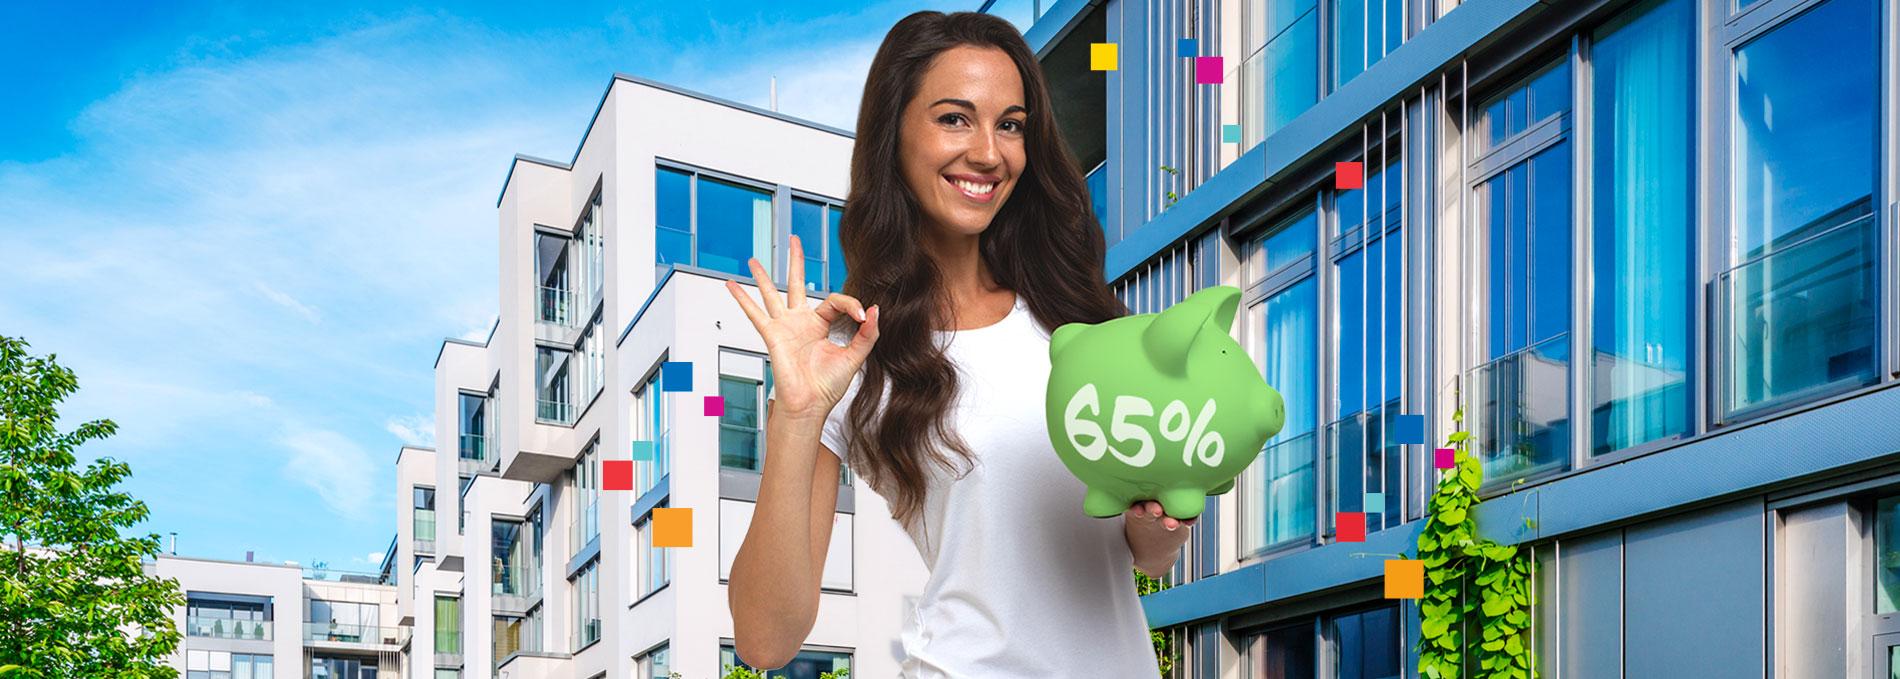 USUFRUISCI SUBITO DELLA DETRAZIONE DEL 65%